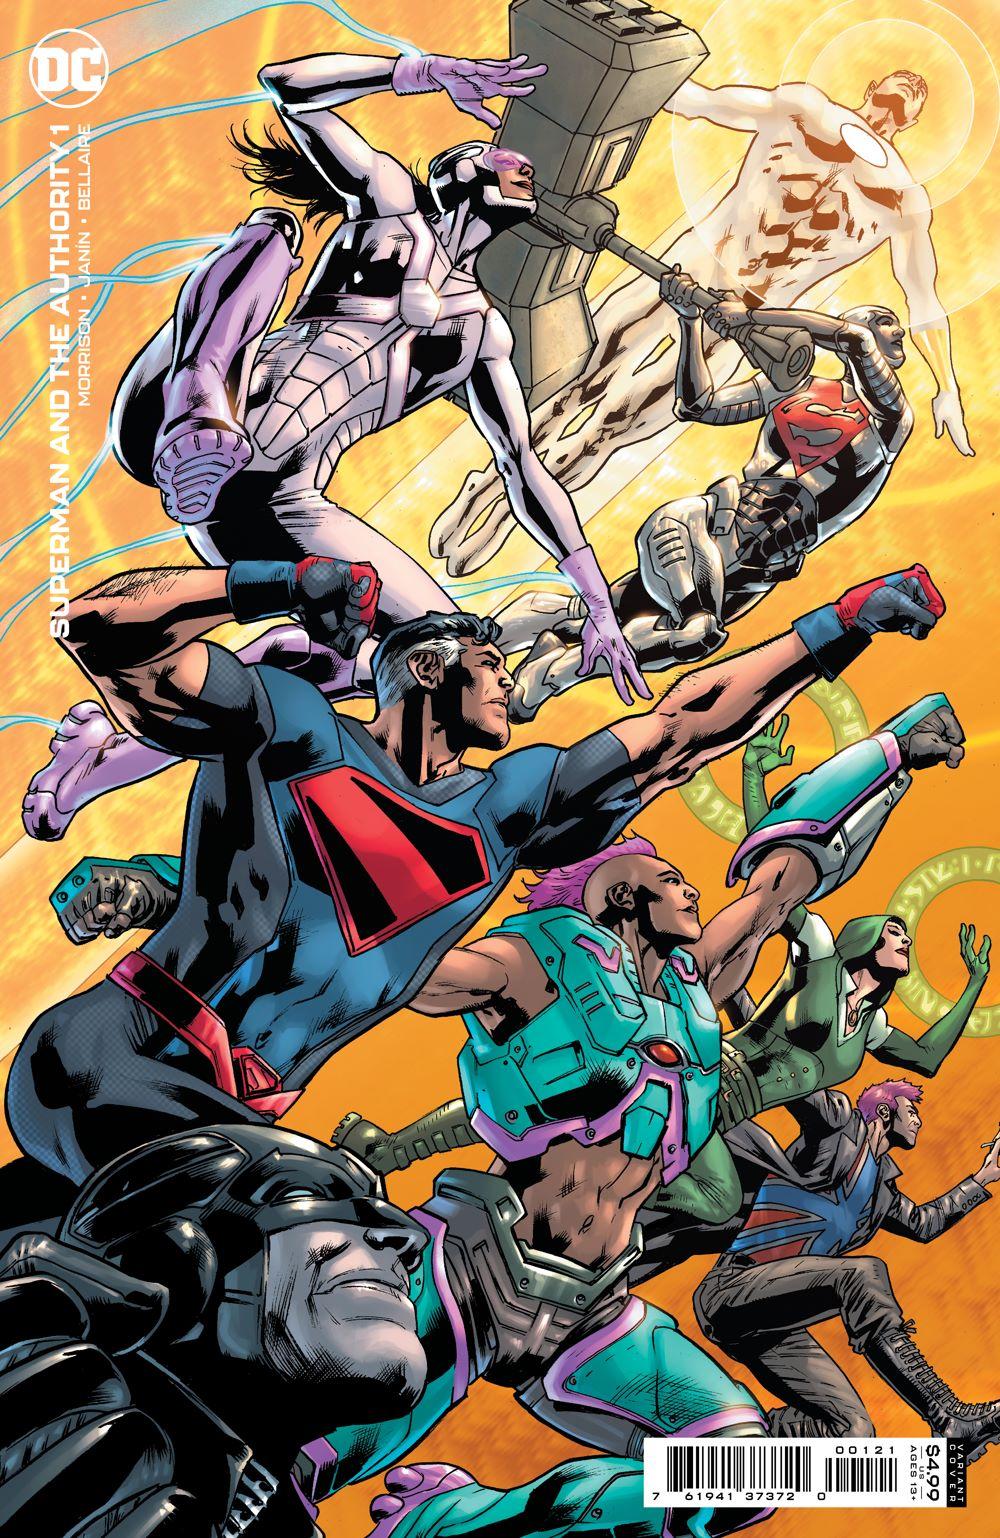 SMATA_Cv1_var DC Comics July 2021 Solicitations